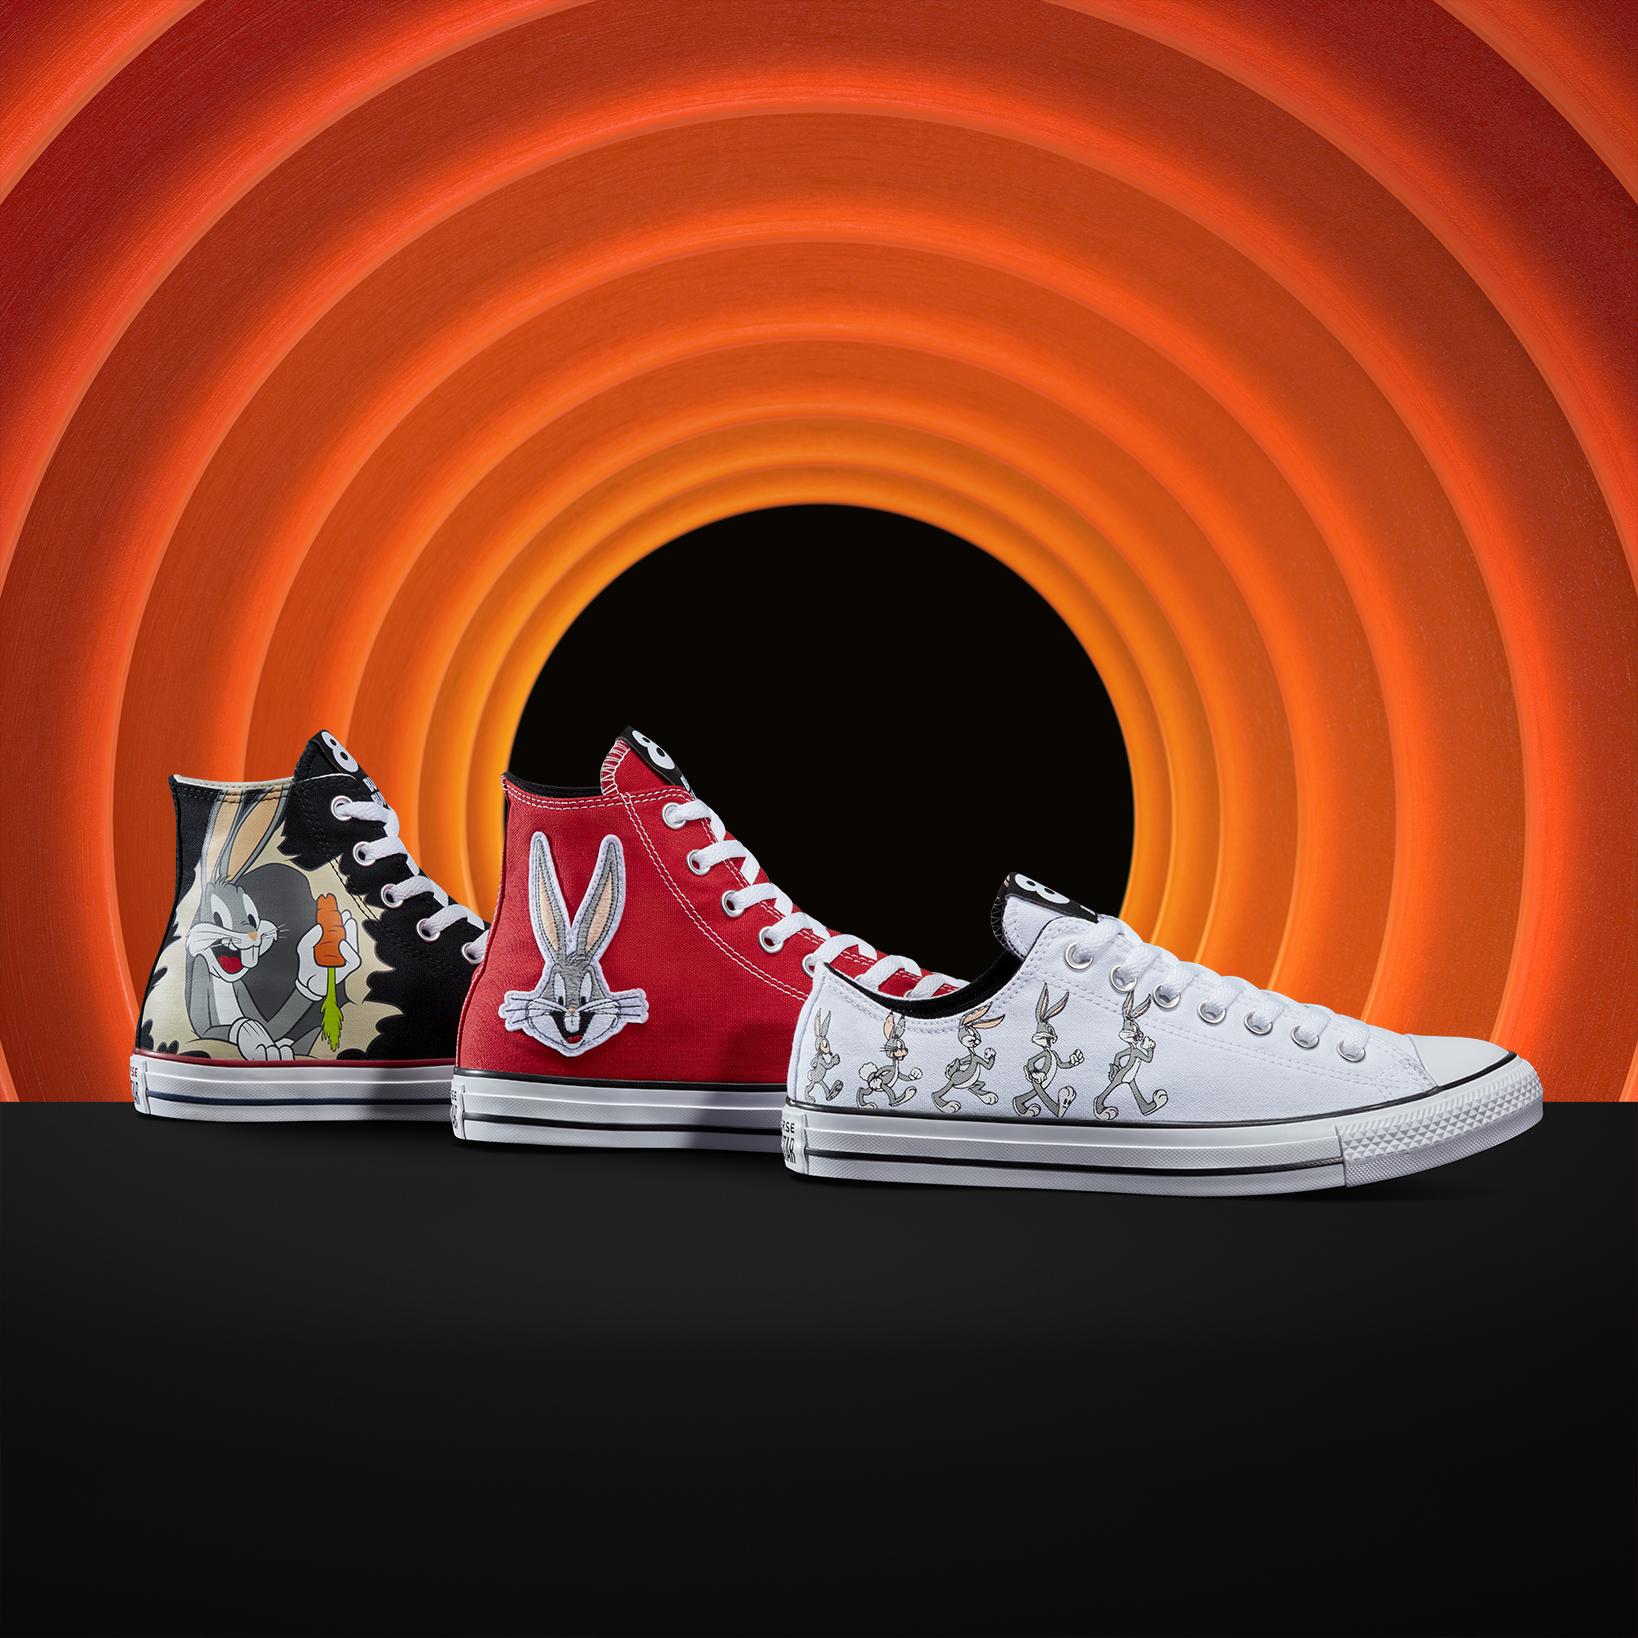 Converse x Bugs Bunny 🐰